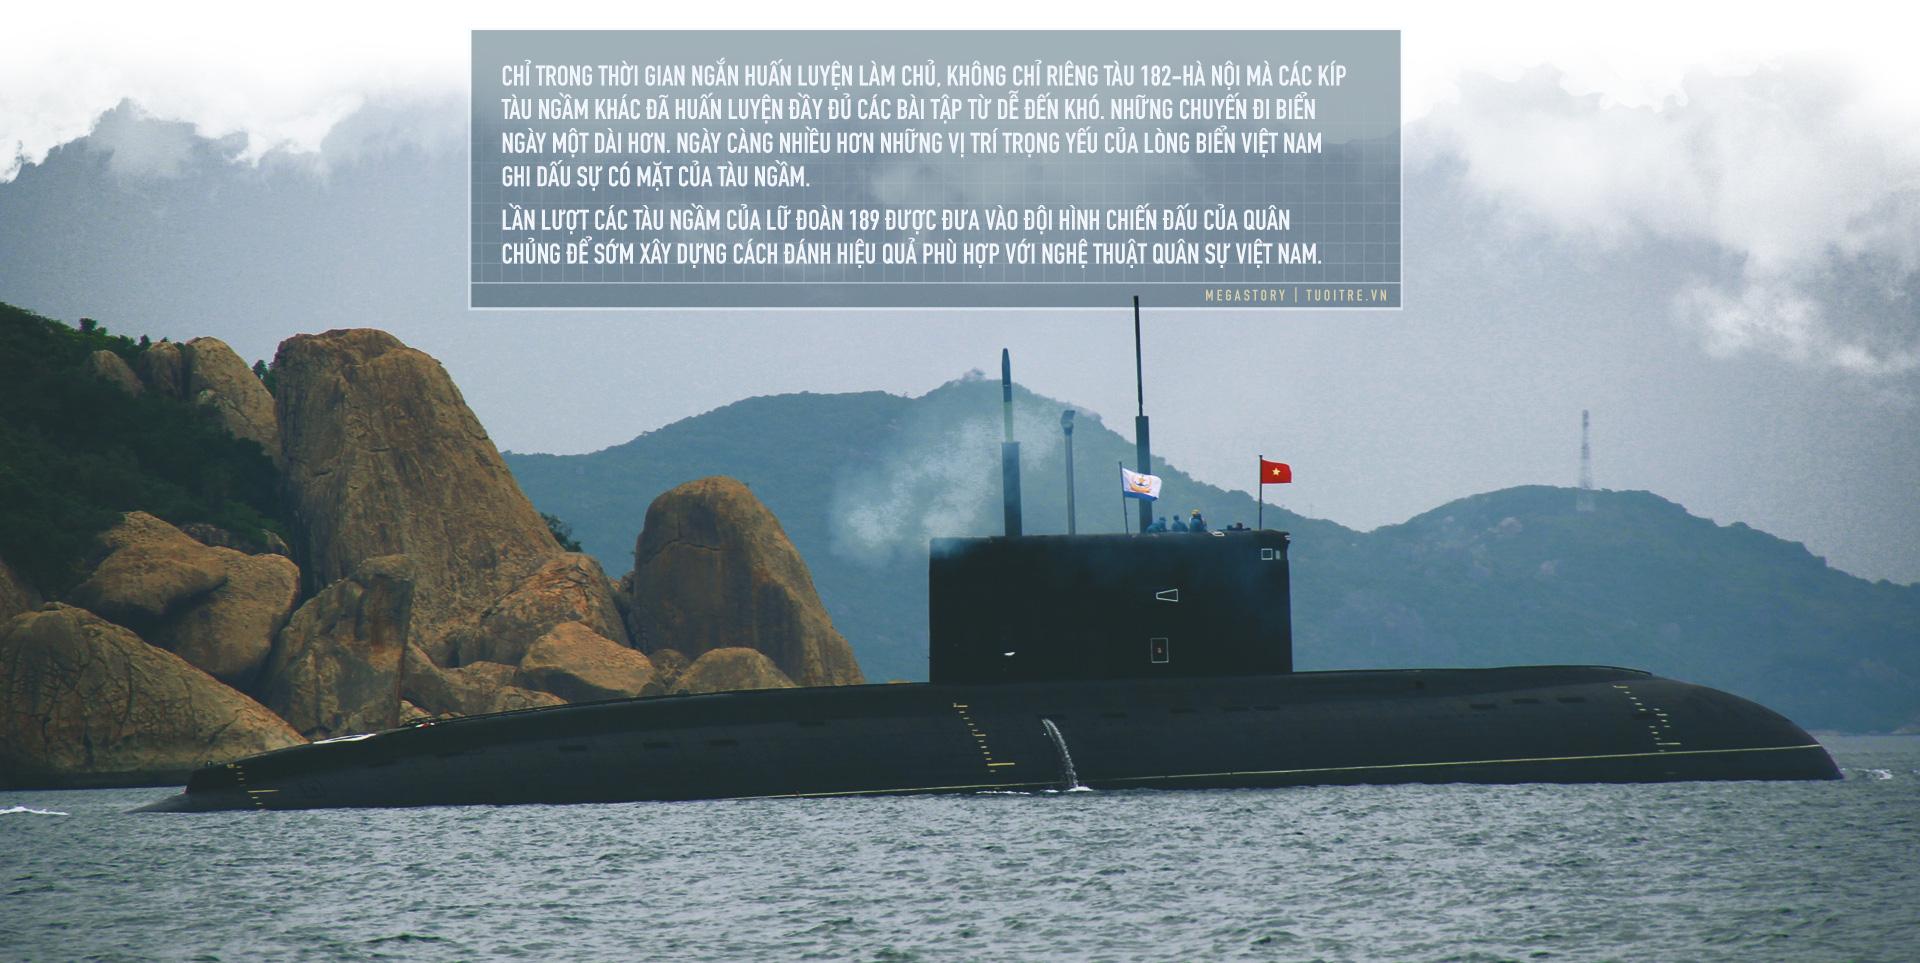 Kíp tàu ngầm đầu tiên của Việt Nam những câu chuyện bây giờ mới kể - Ảnh 16.